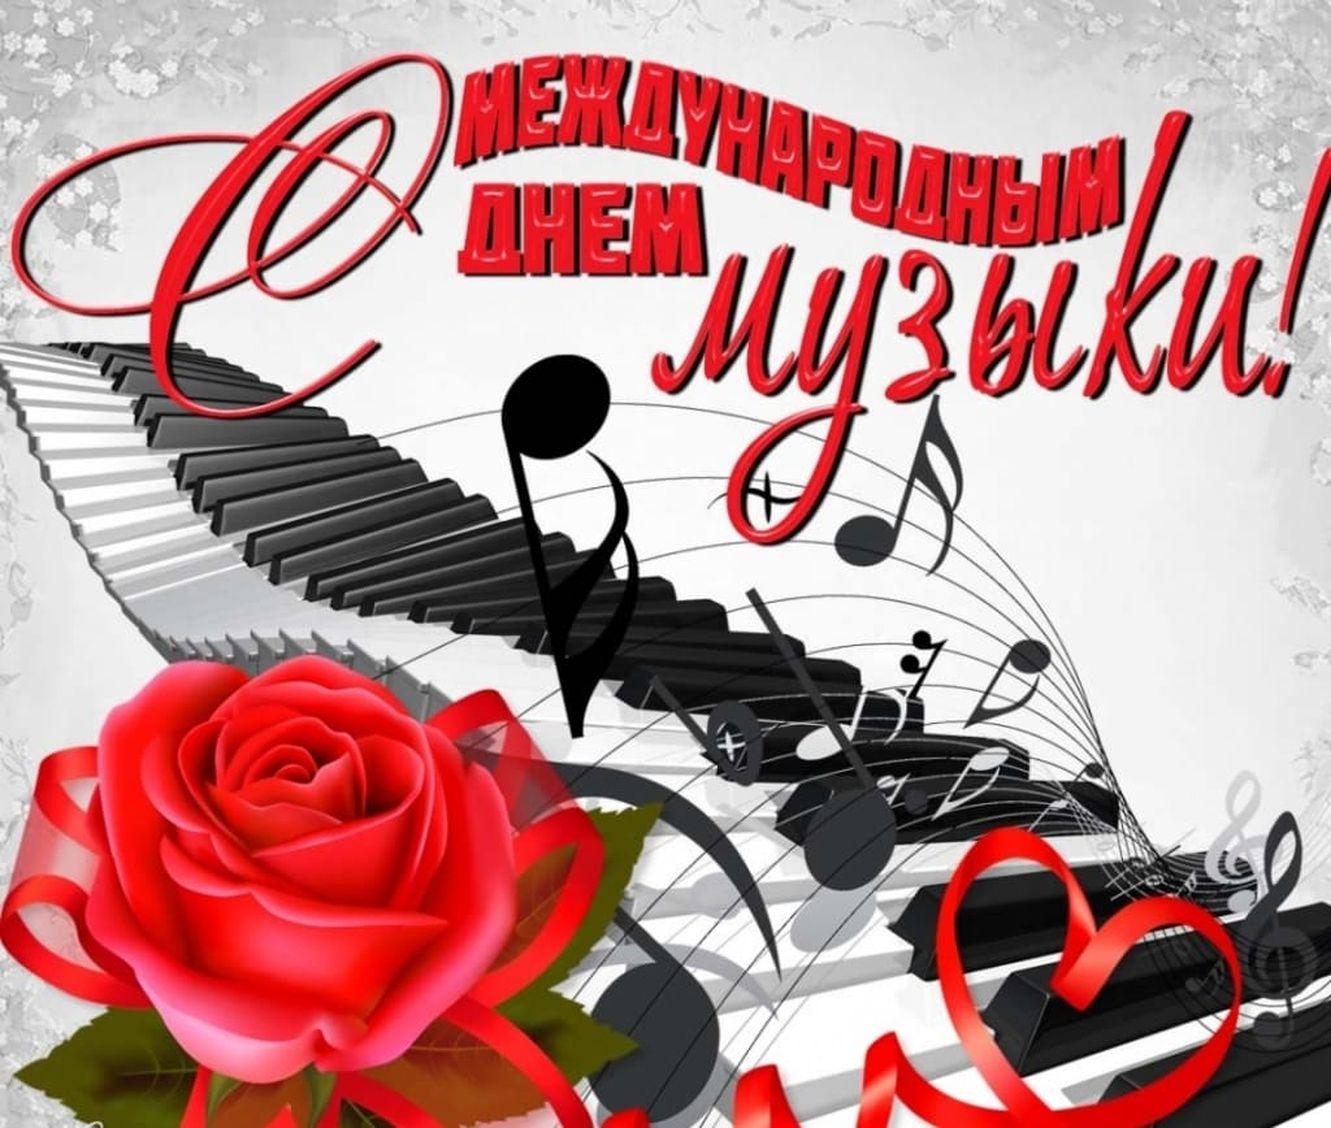 С днем учителя музыканта